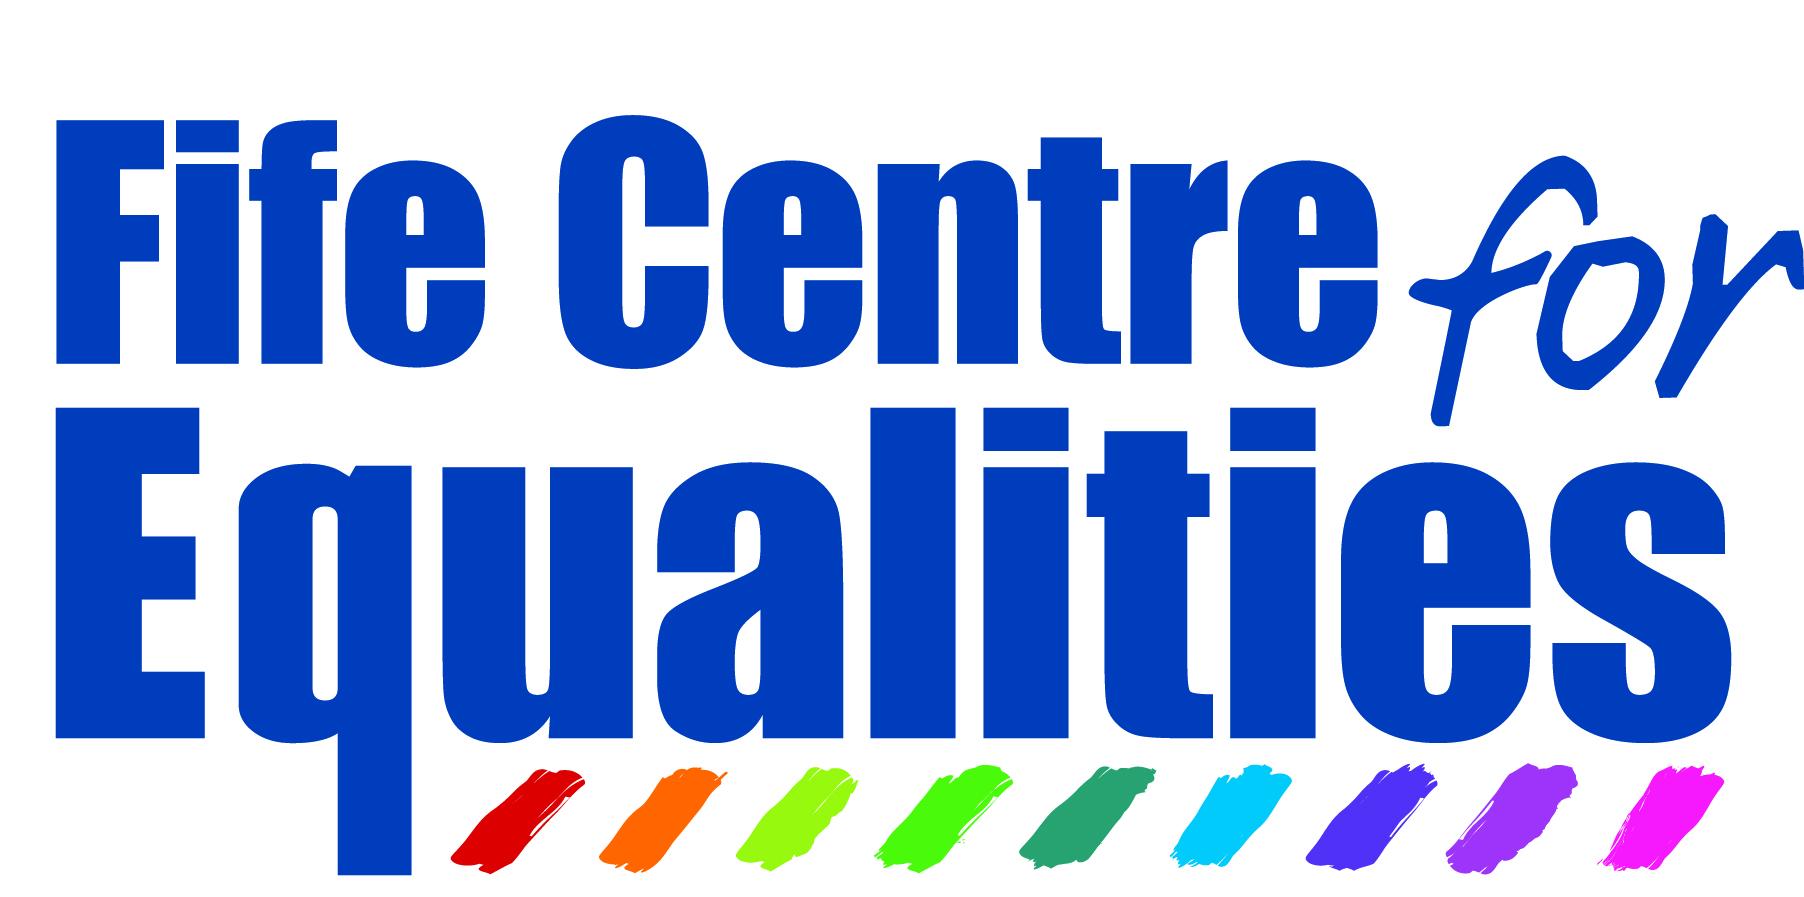 FCfE_logo.jpg